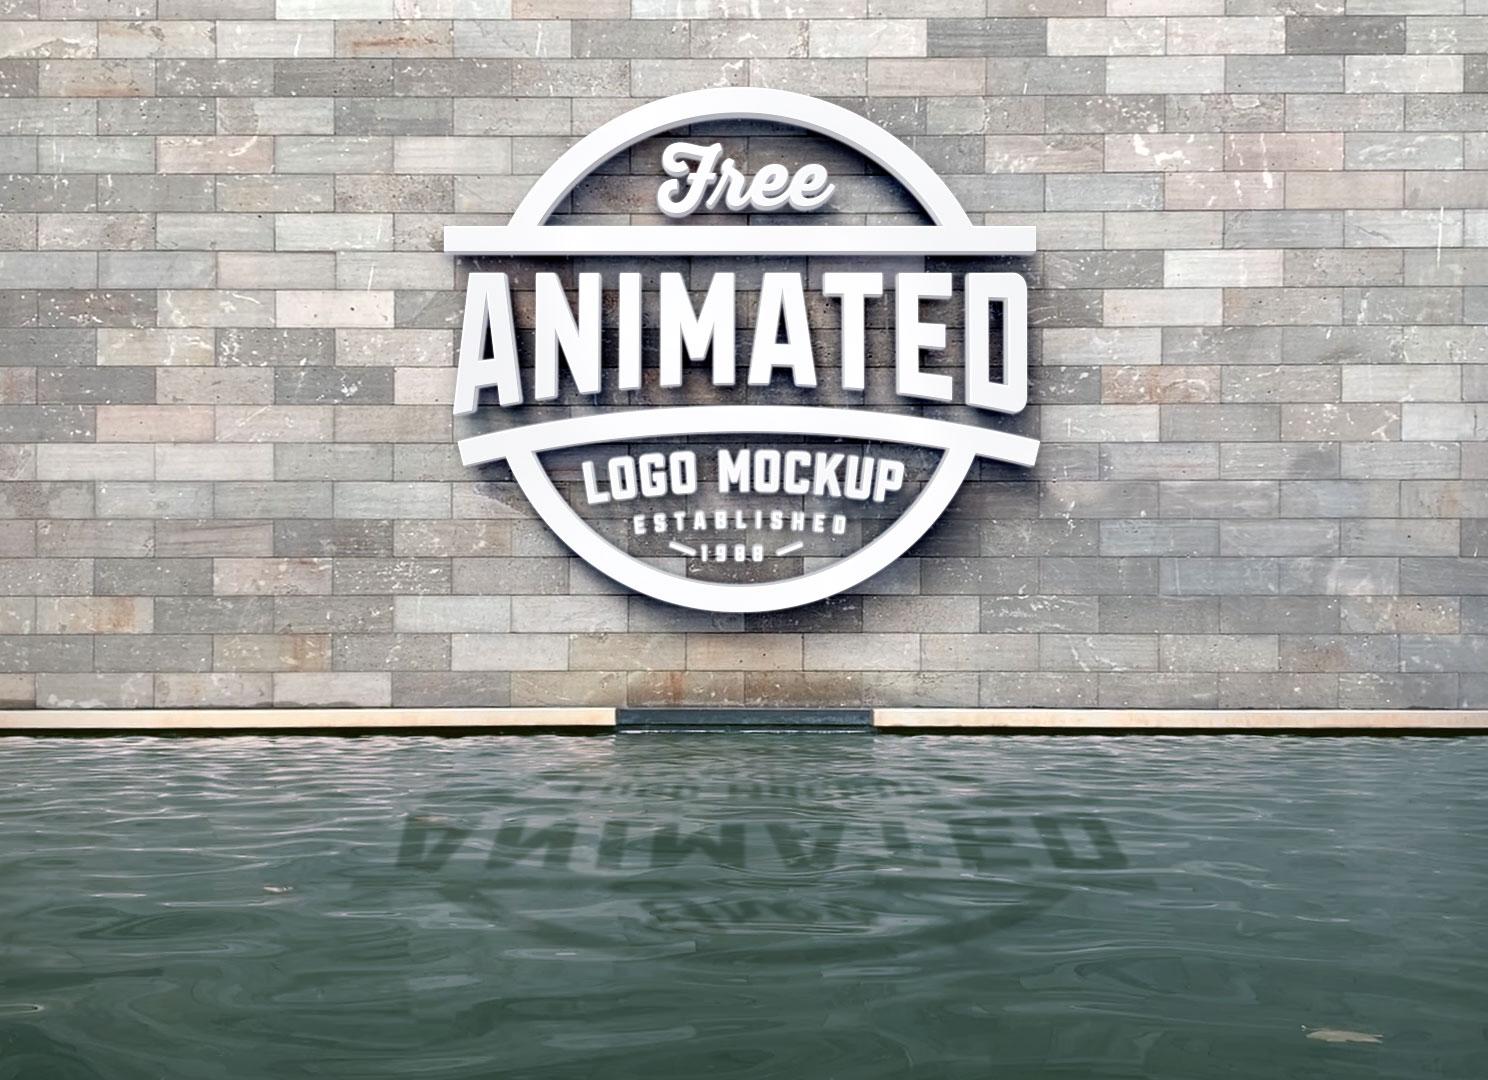 Free 3D Logo Animated Mockup PSD.